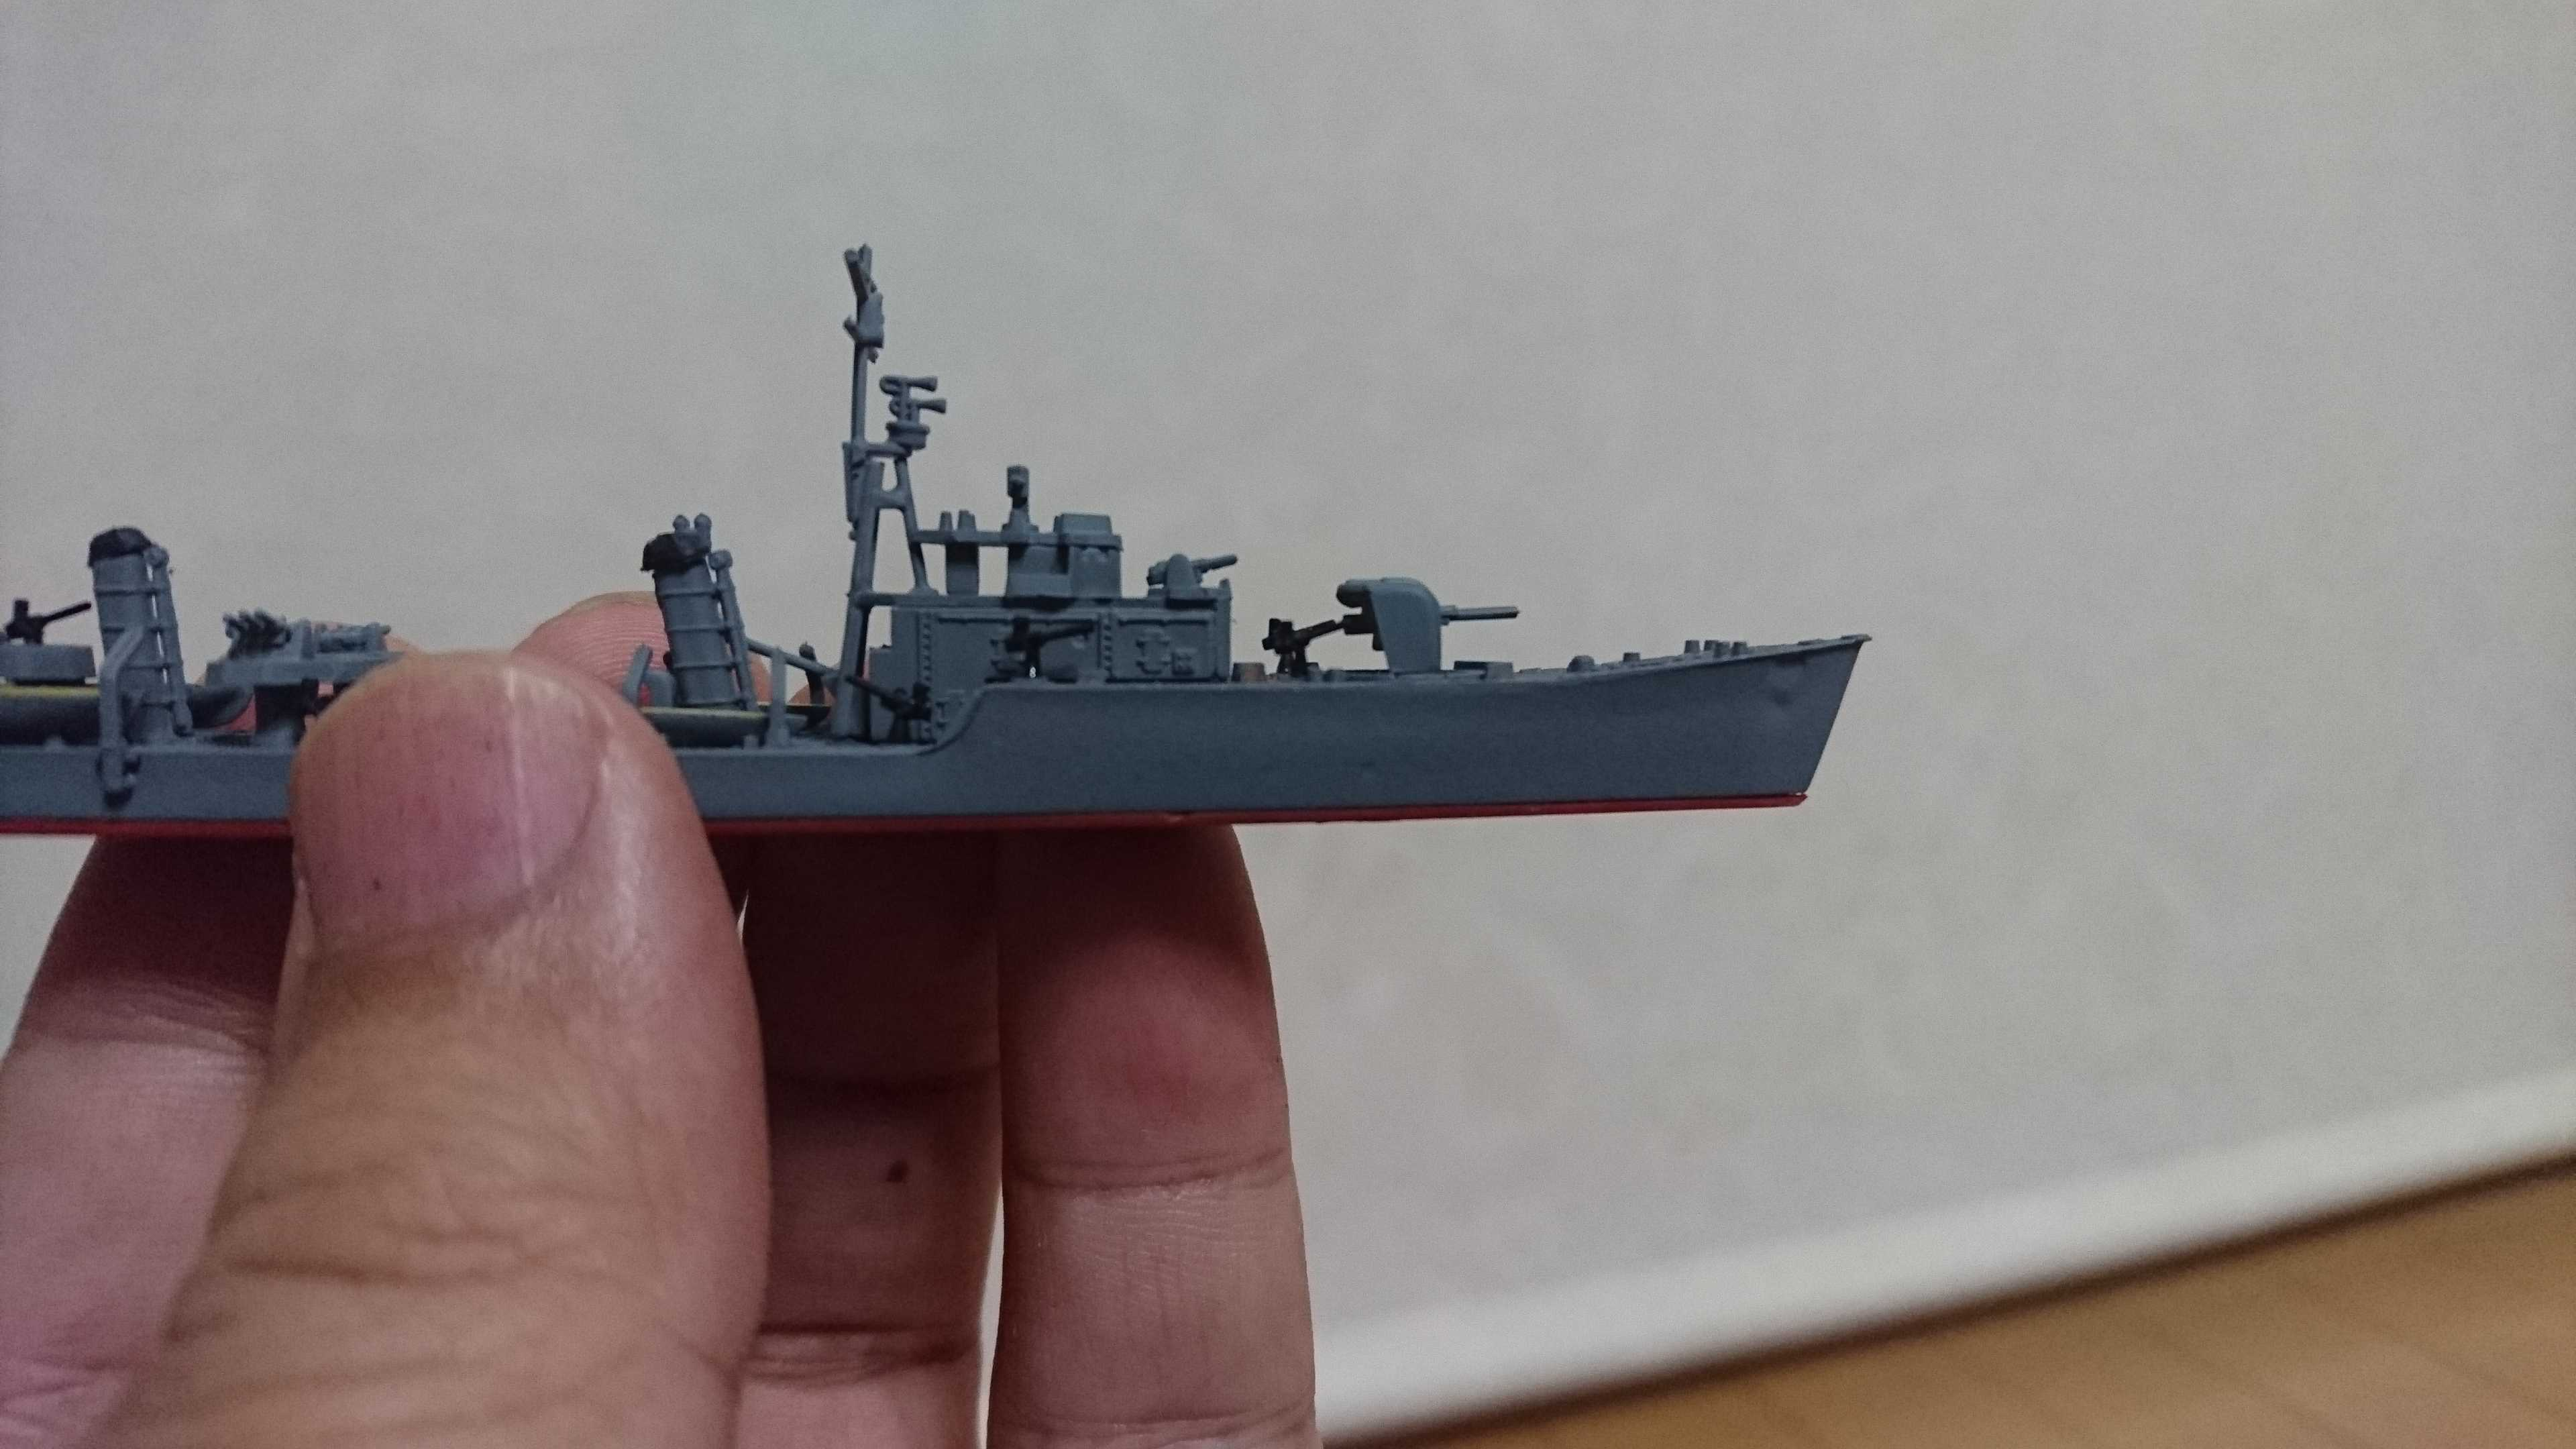 丁 型 駆逐 艦